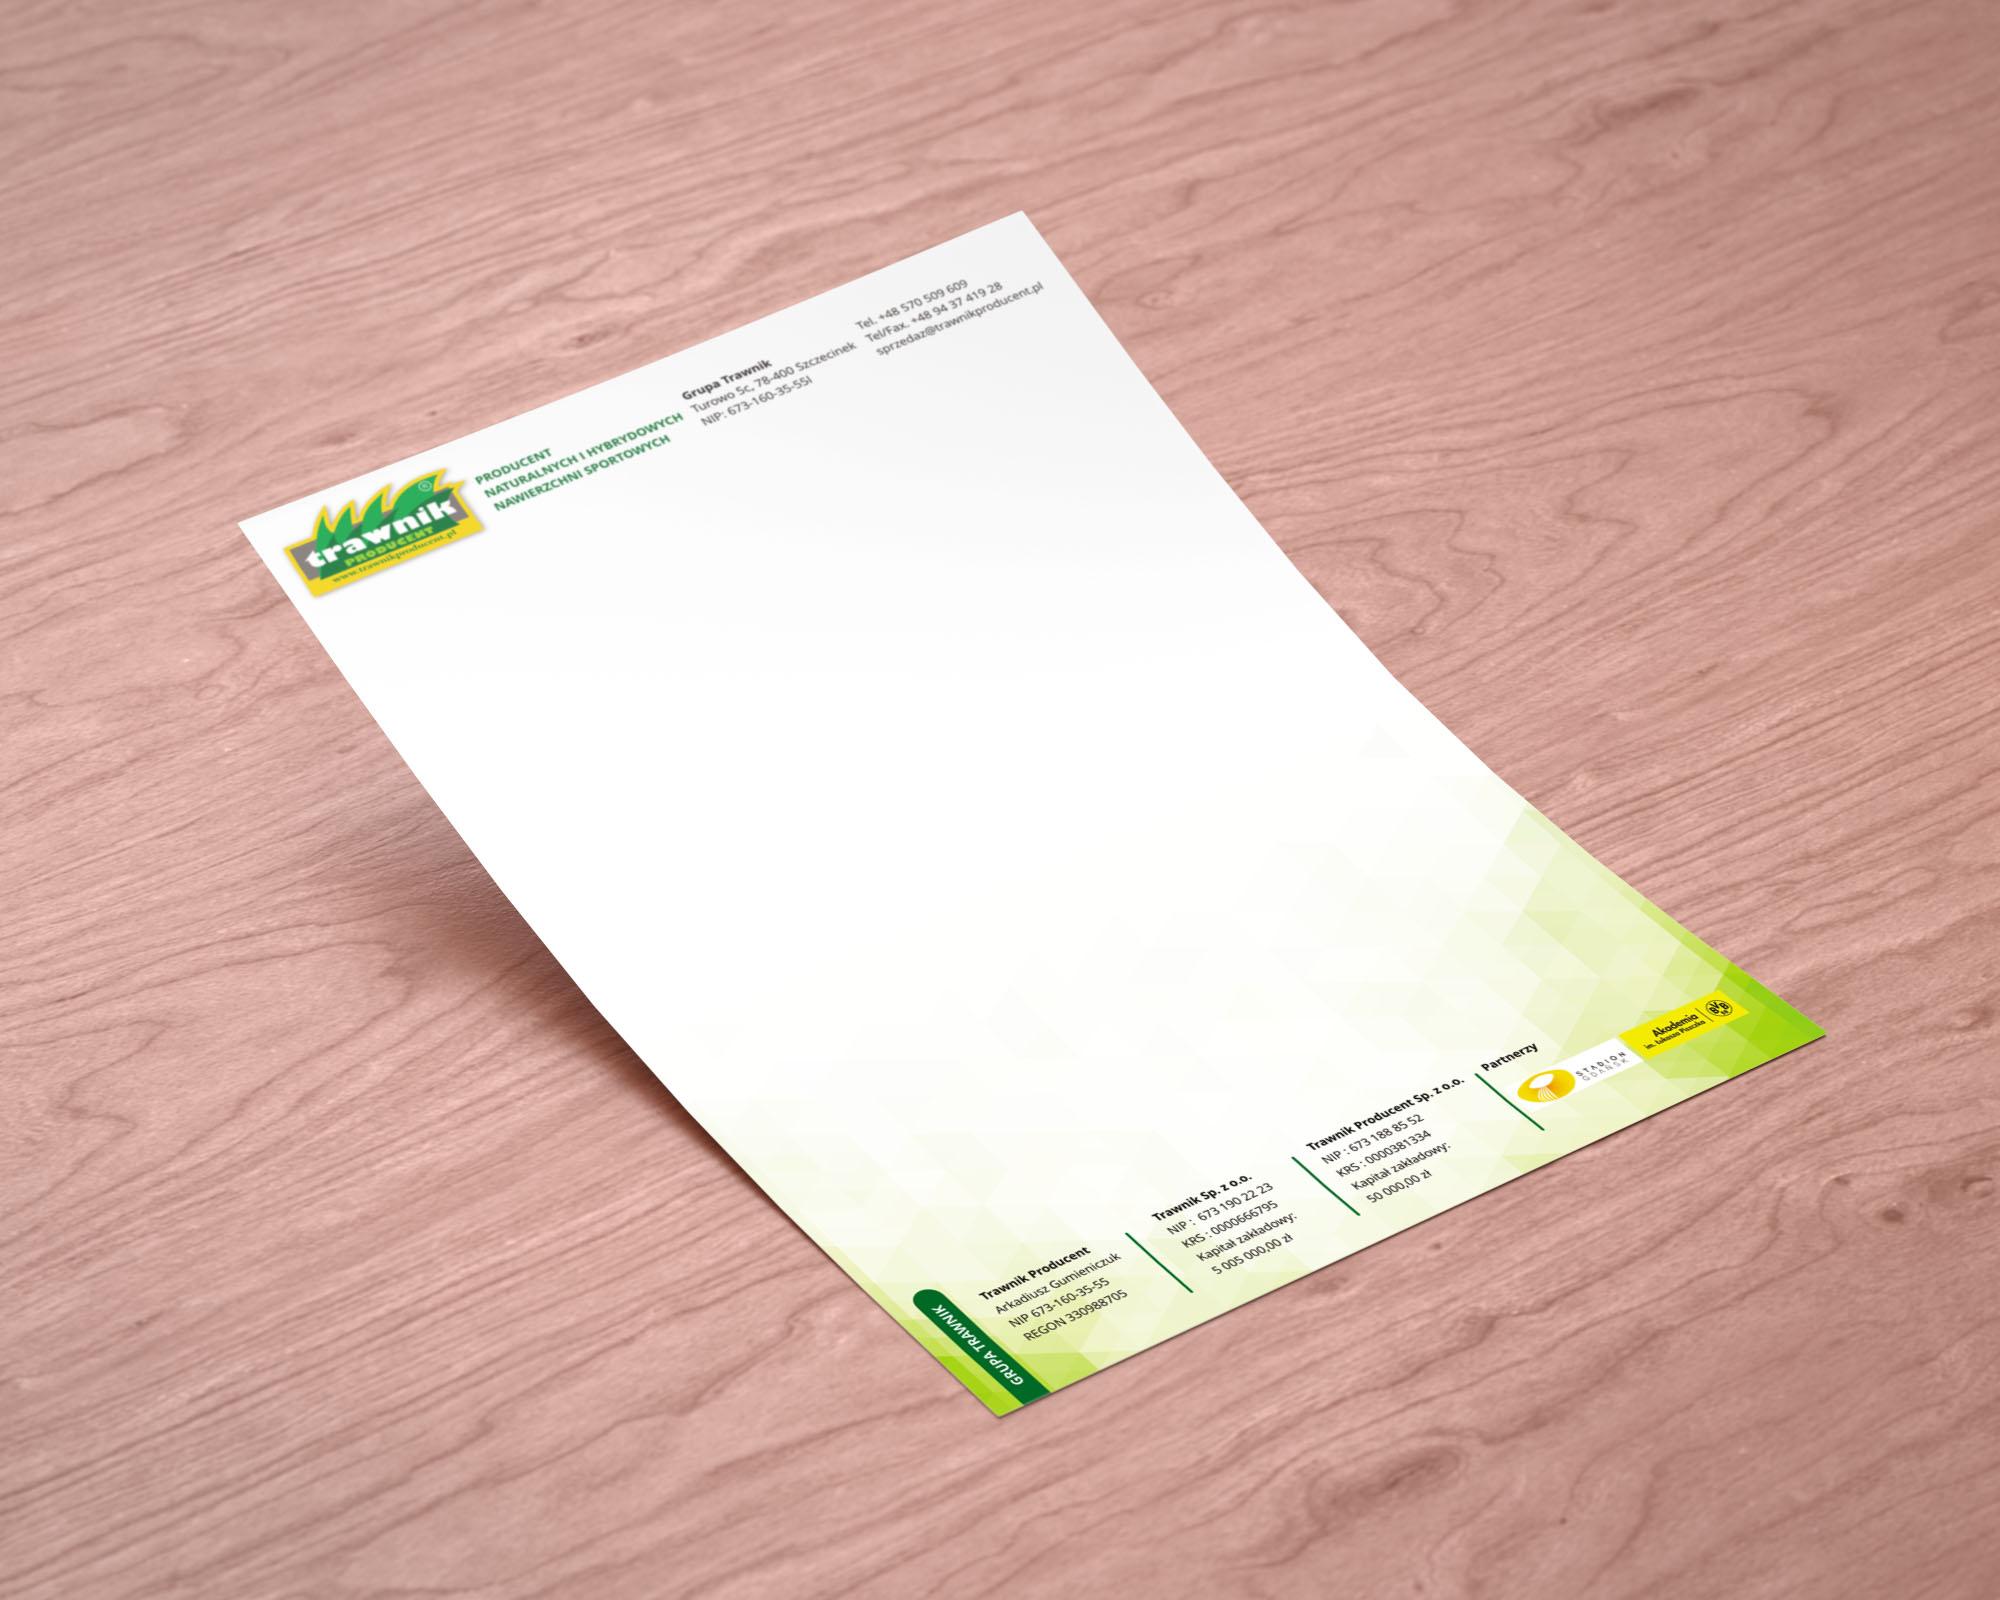 Papier firmowy dla Trawnik Producent